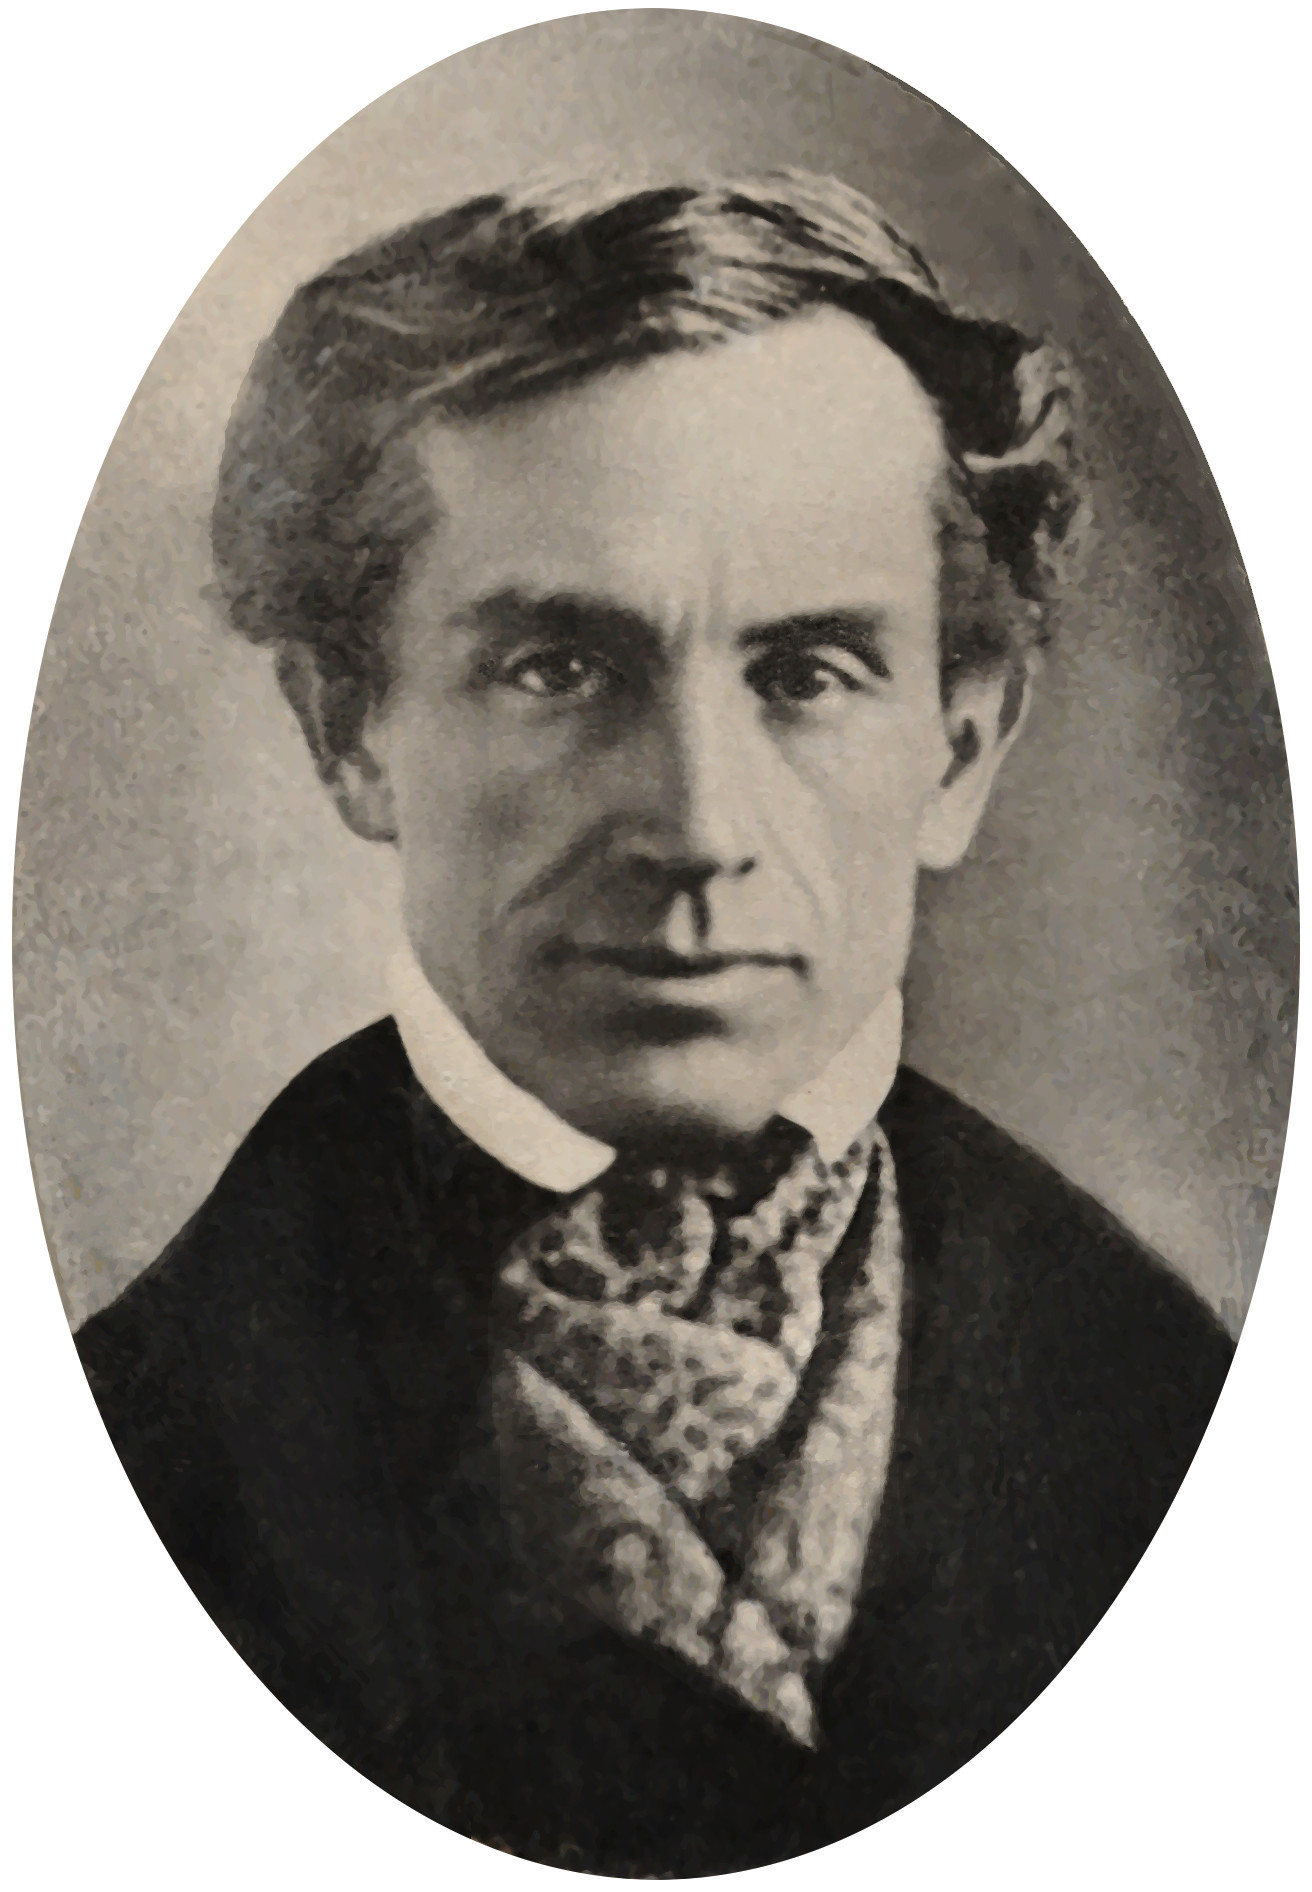 Portret van Samuel Morse uit 1840